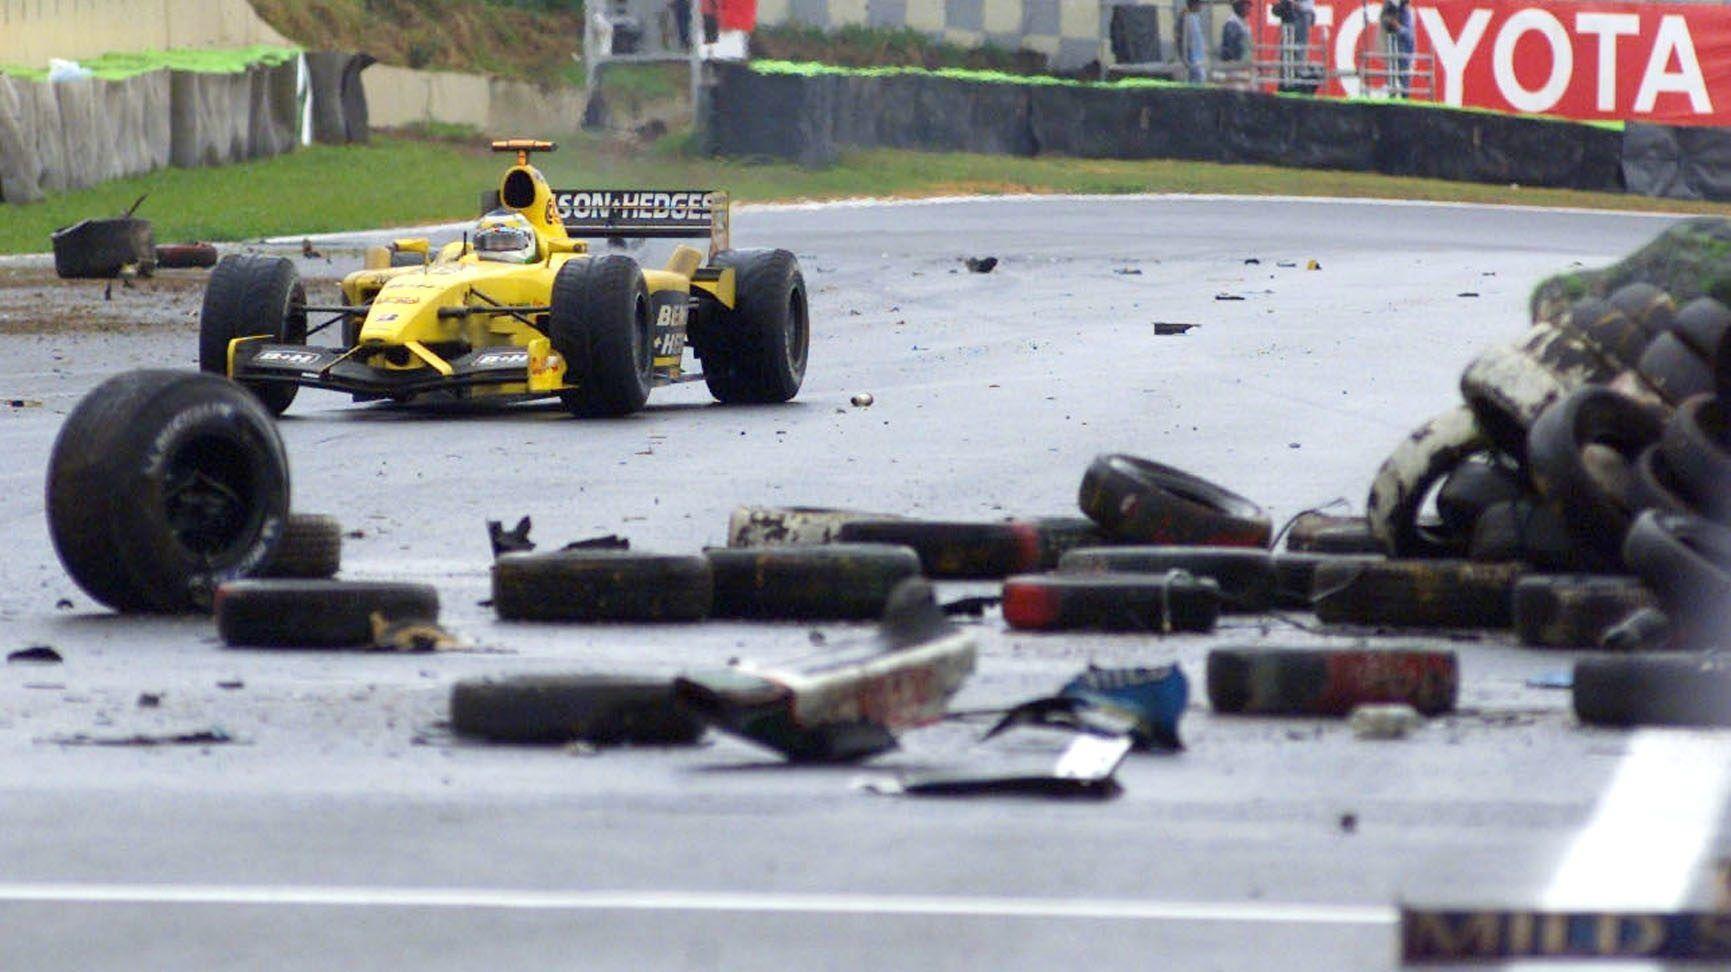 Motorsport/Formel 1: GP von Brasilien 2003